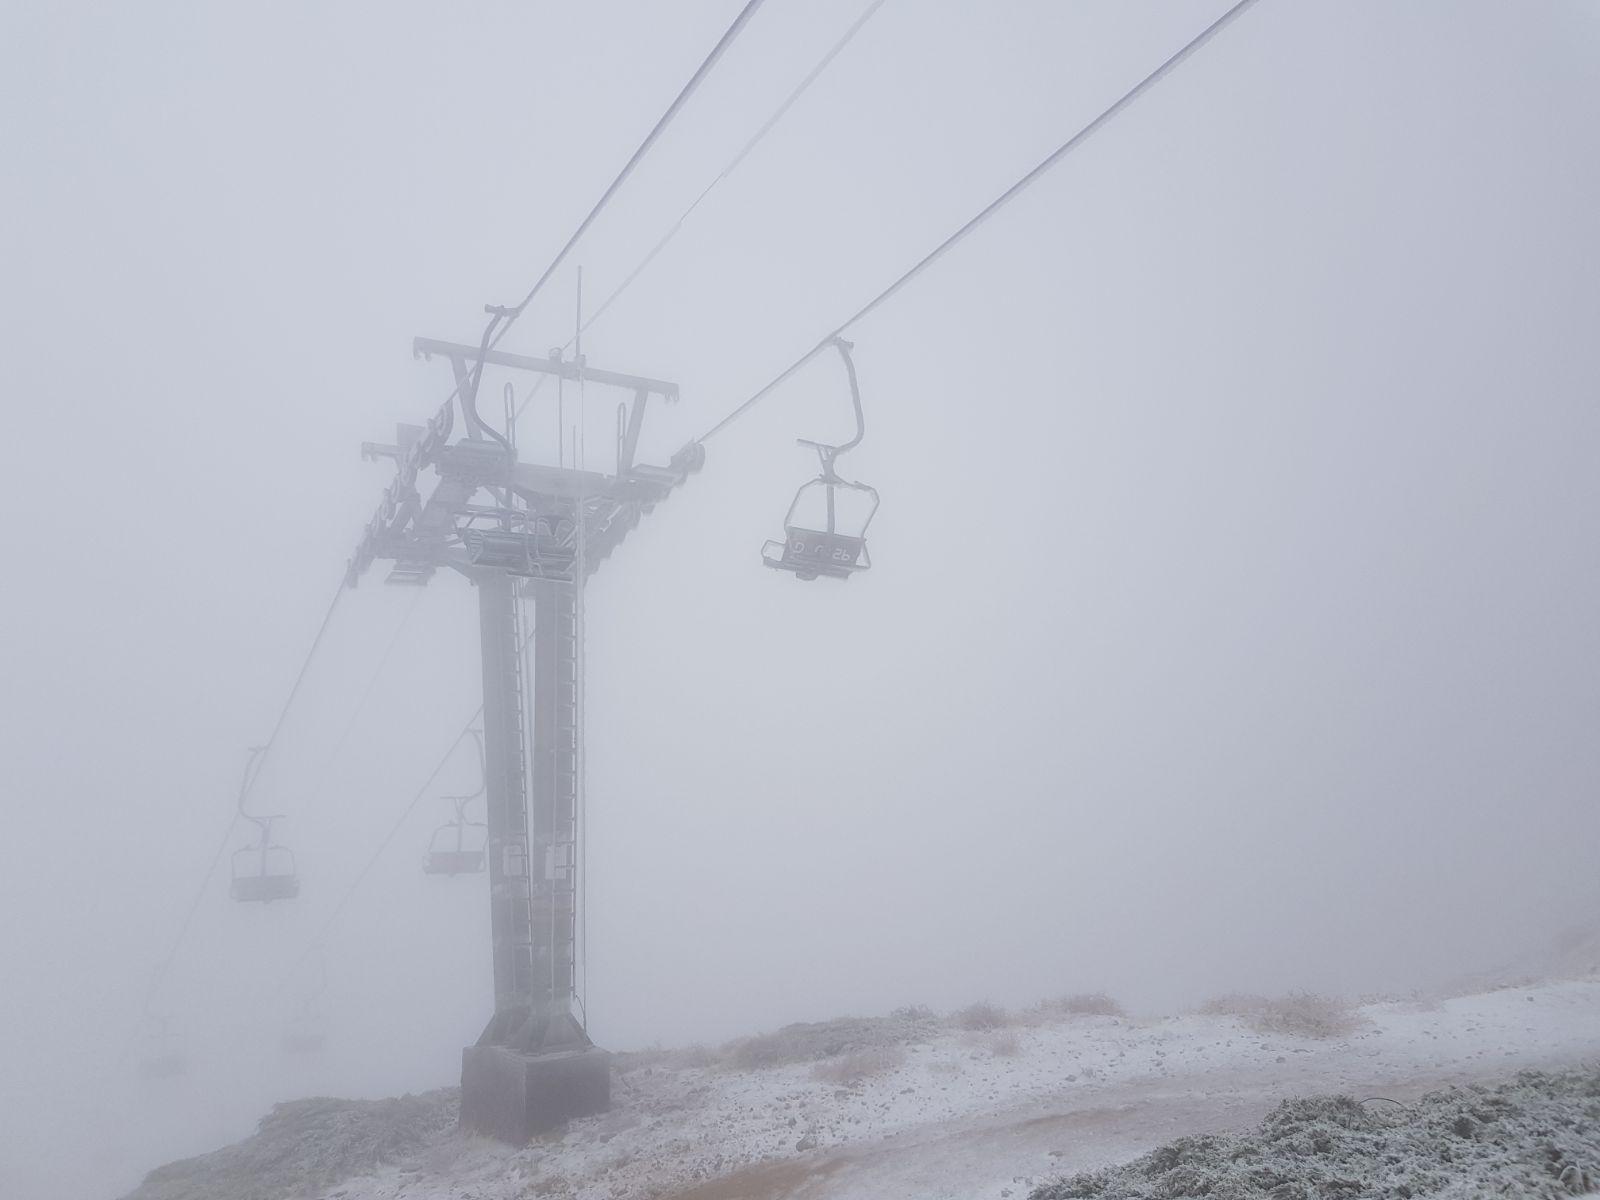 فيديو وصور: تساقط الثلوج الأولى في جبل الشيخ